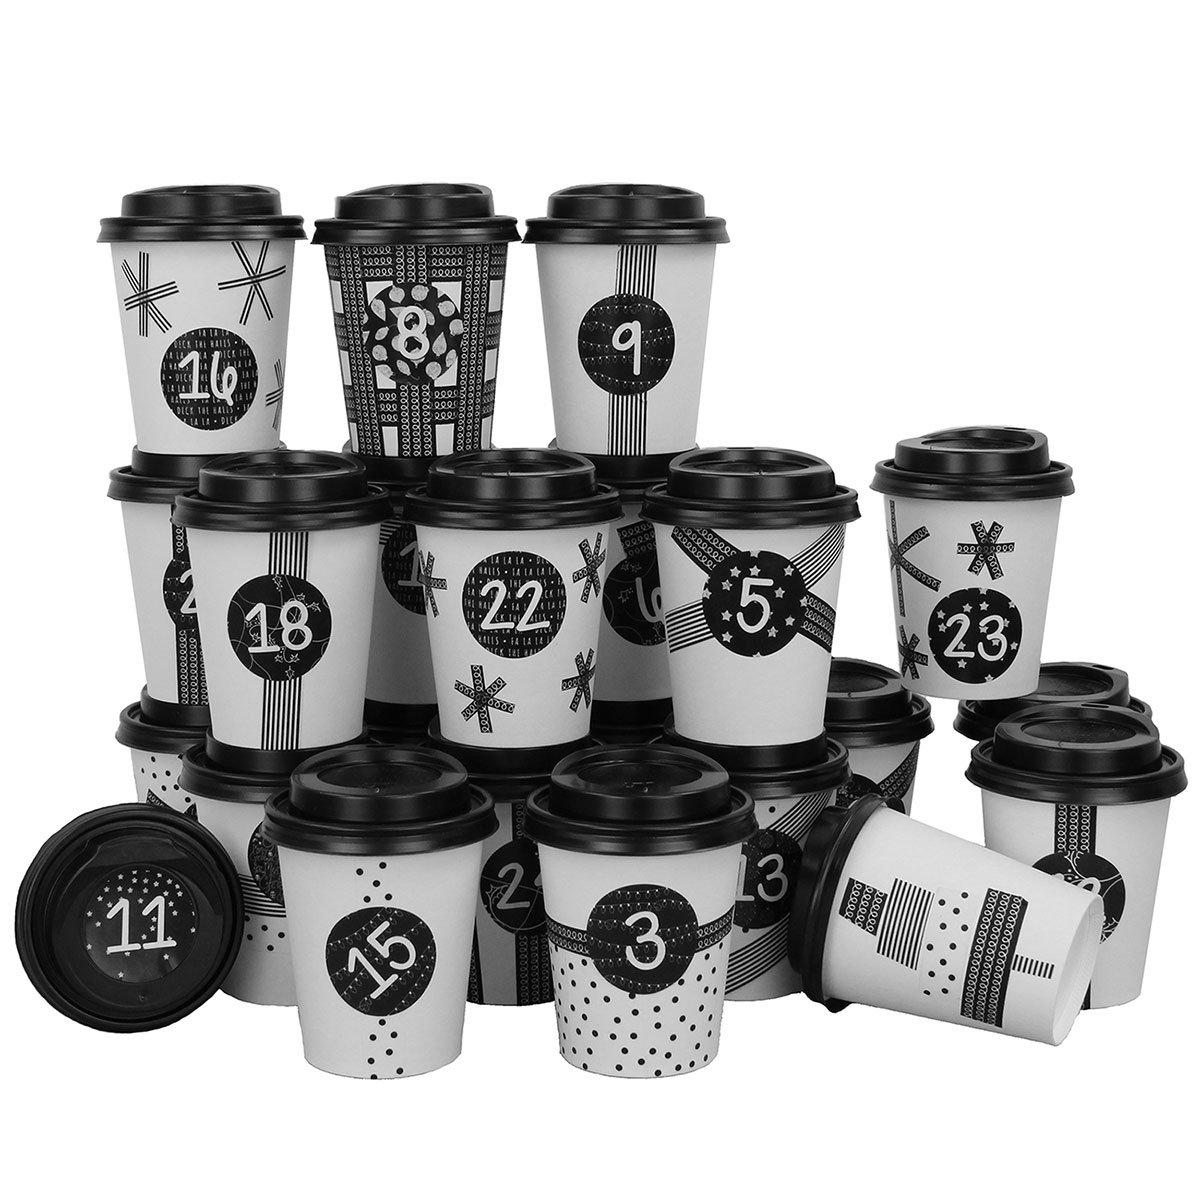 400-061-001-1-WP-DIY-Adventskalender-Kaffee-Becher-Coffee-selber-basteln.jpg